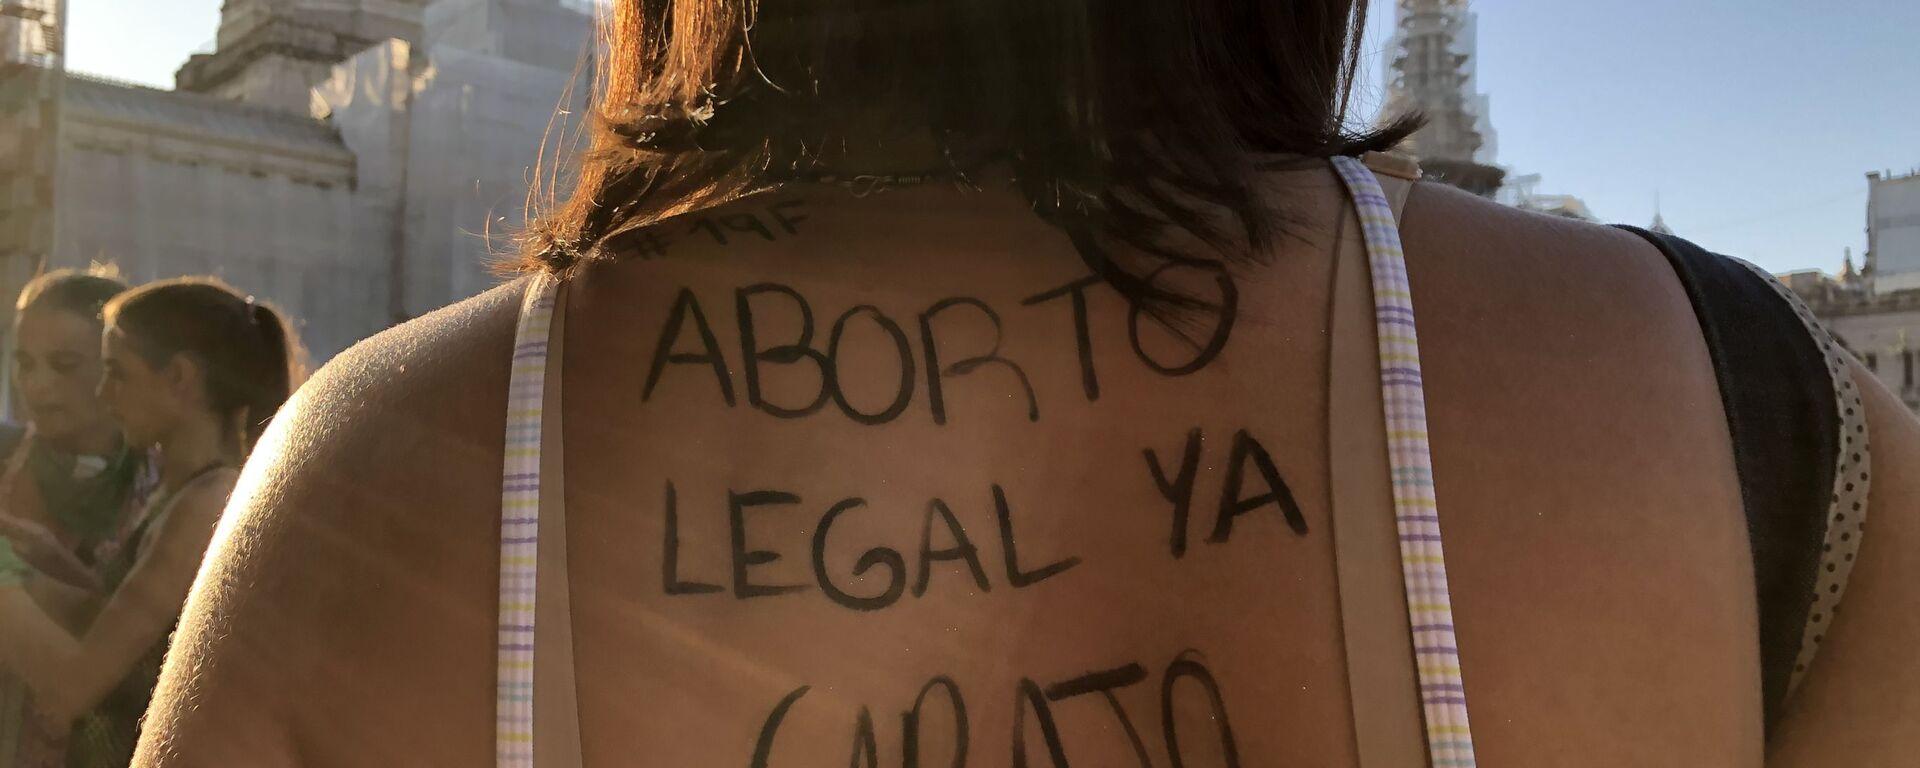 Una marcha por el aborto legal en Buenos Aires - Sputnik Mundo, 1920, 18.03.2021